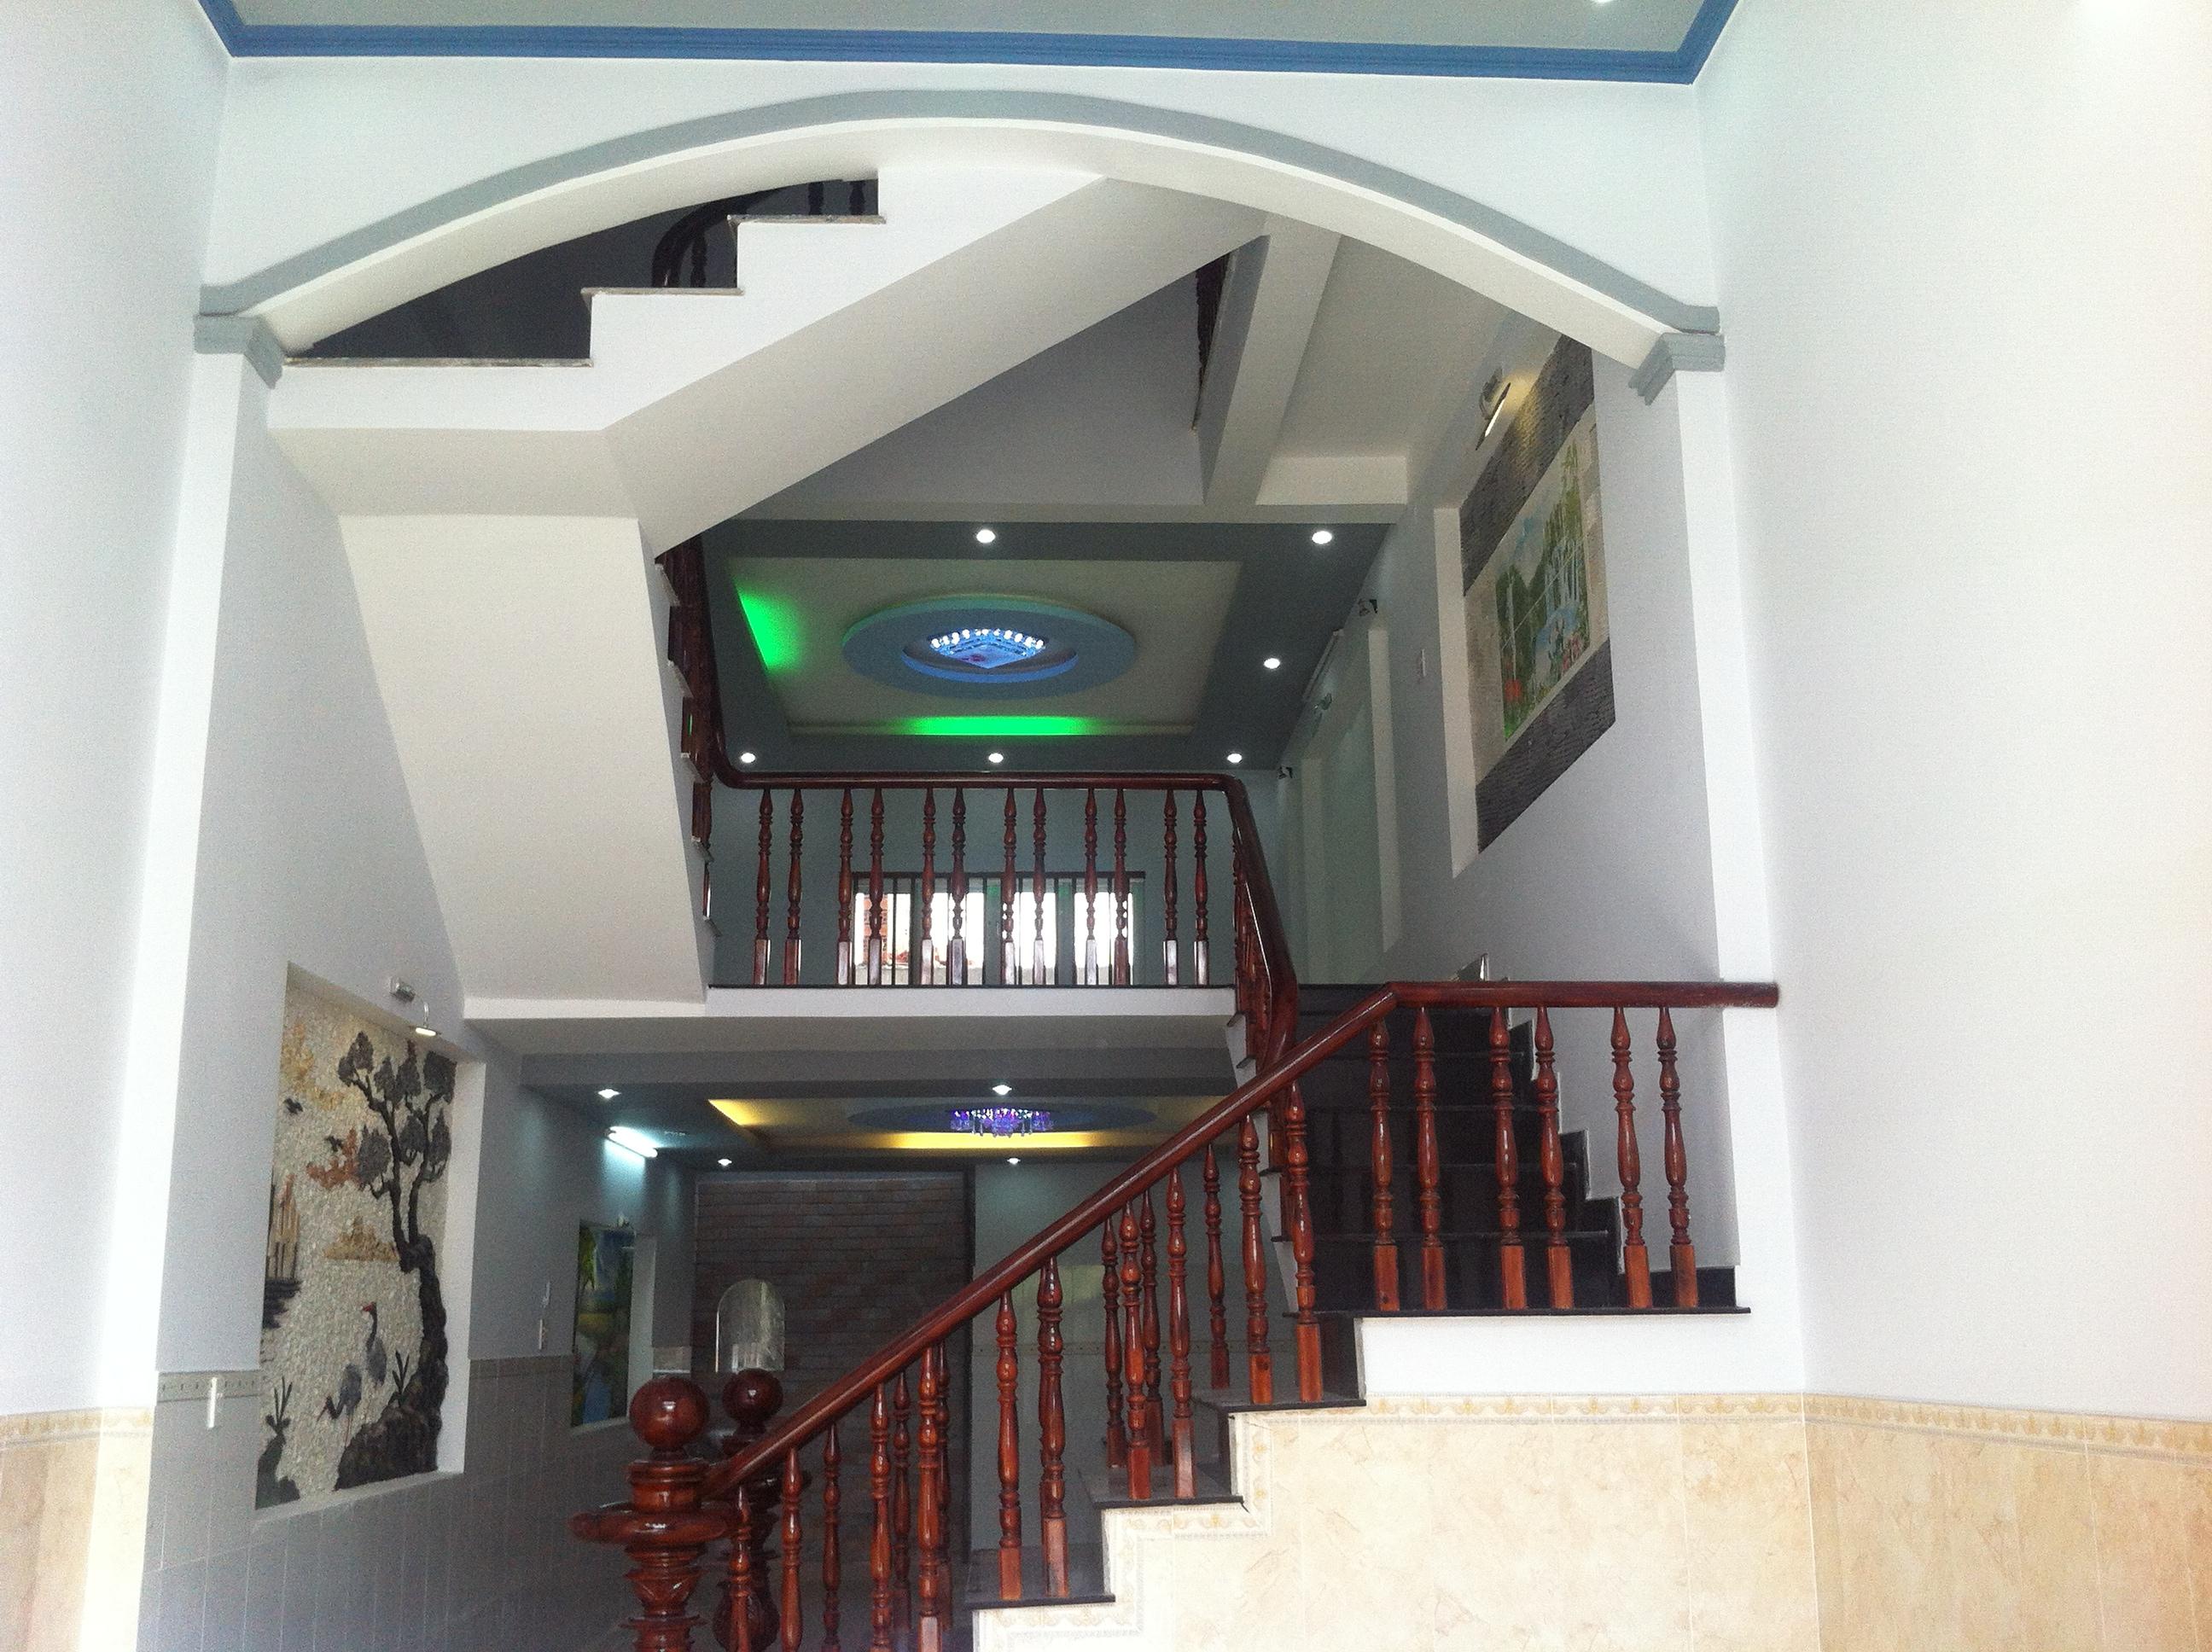 không gian bên trong căn nhà thiết kế đẹp 2014 ở dĩ an bình dương